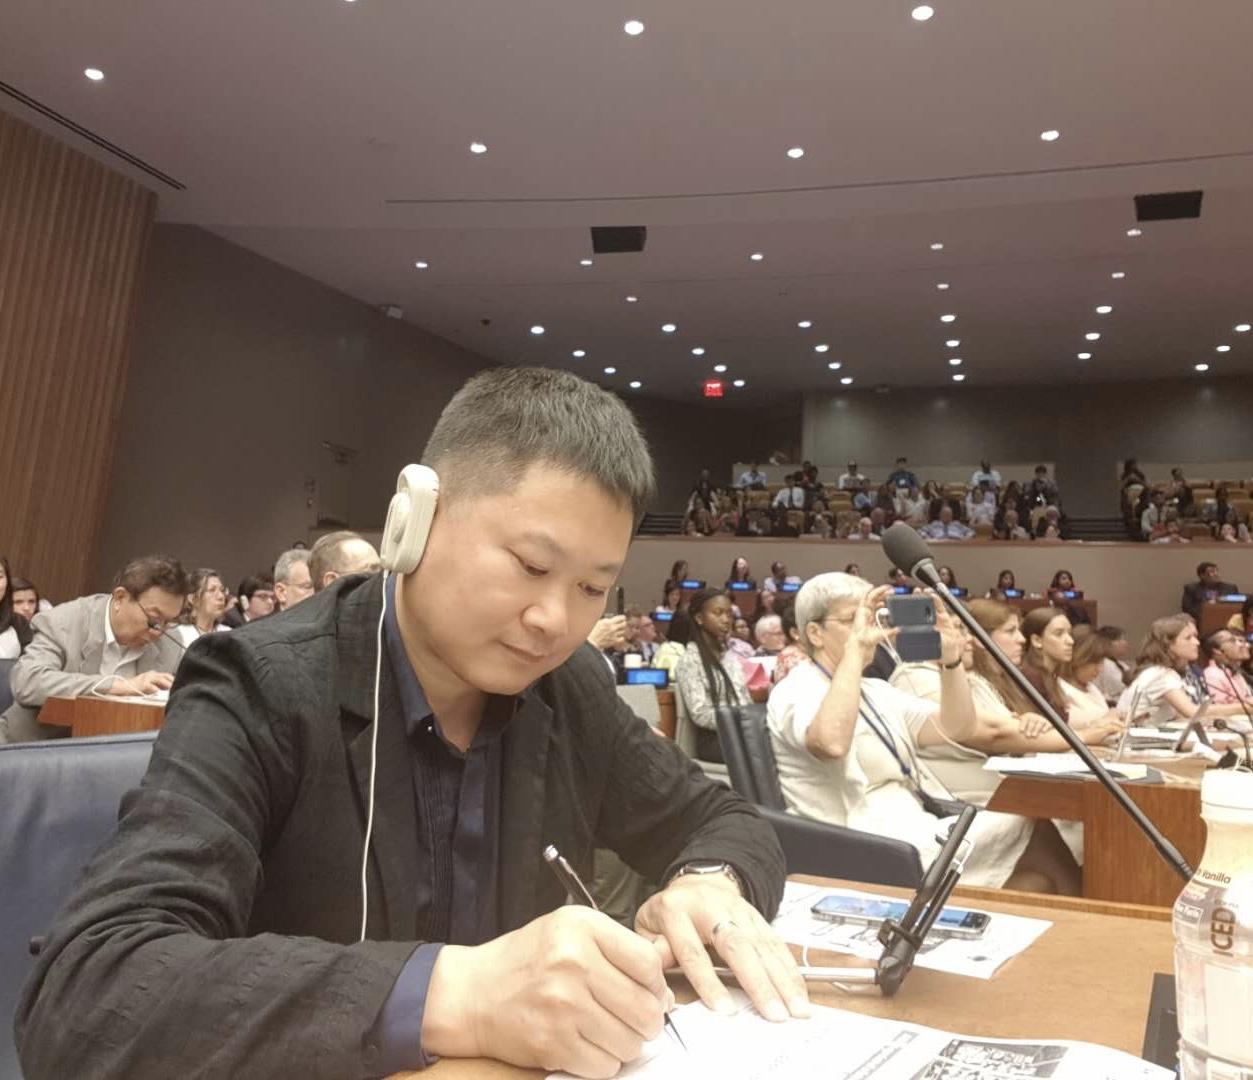 国际媒体组织(IMO)干事长陈学刚先生受邀参加第67届联合国非政府组织全球峰会